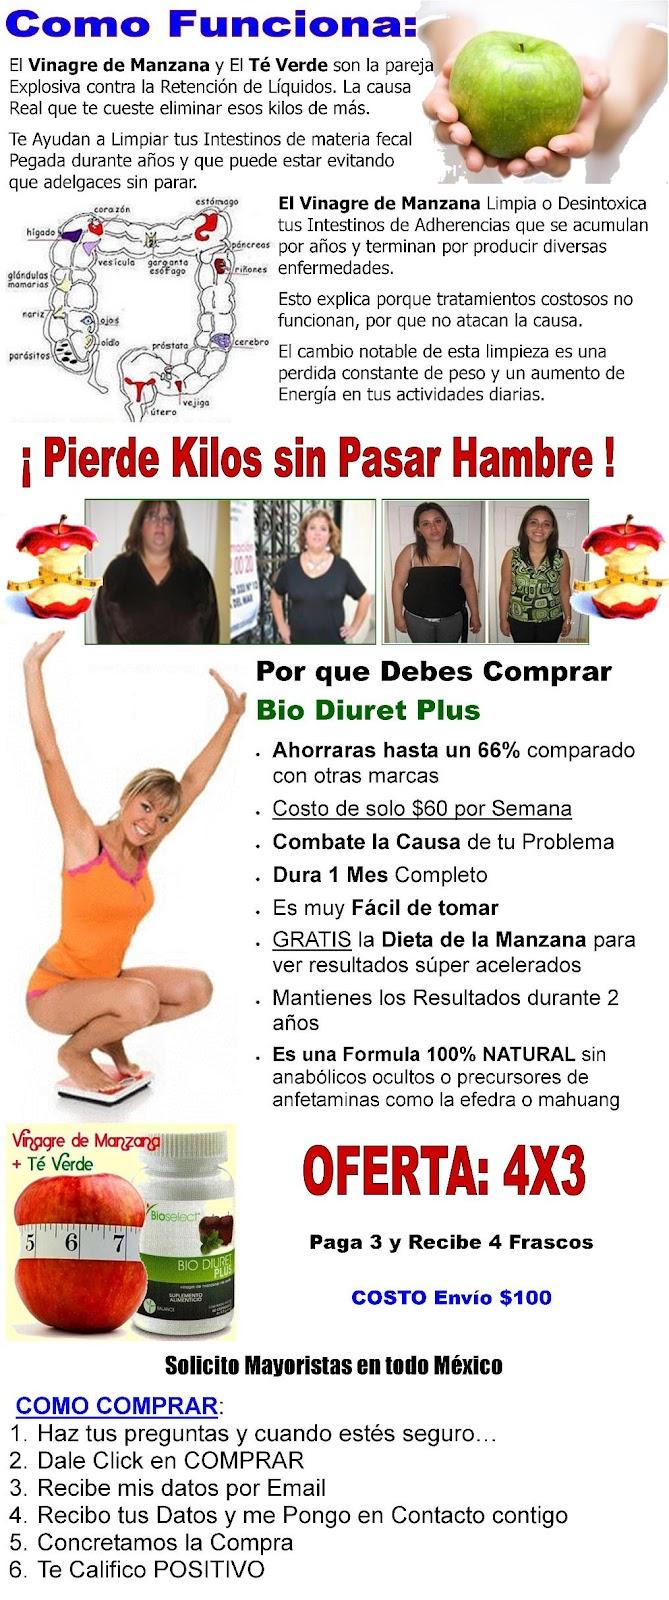 Metabolismo tambin dieta para quemar grasa ganar musculo mujeres esta posicin apretando